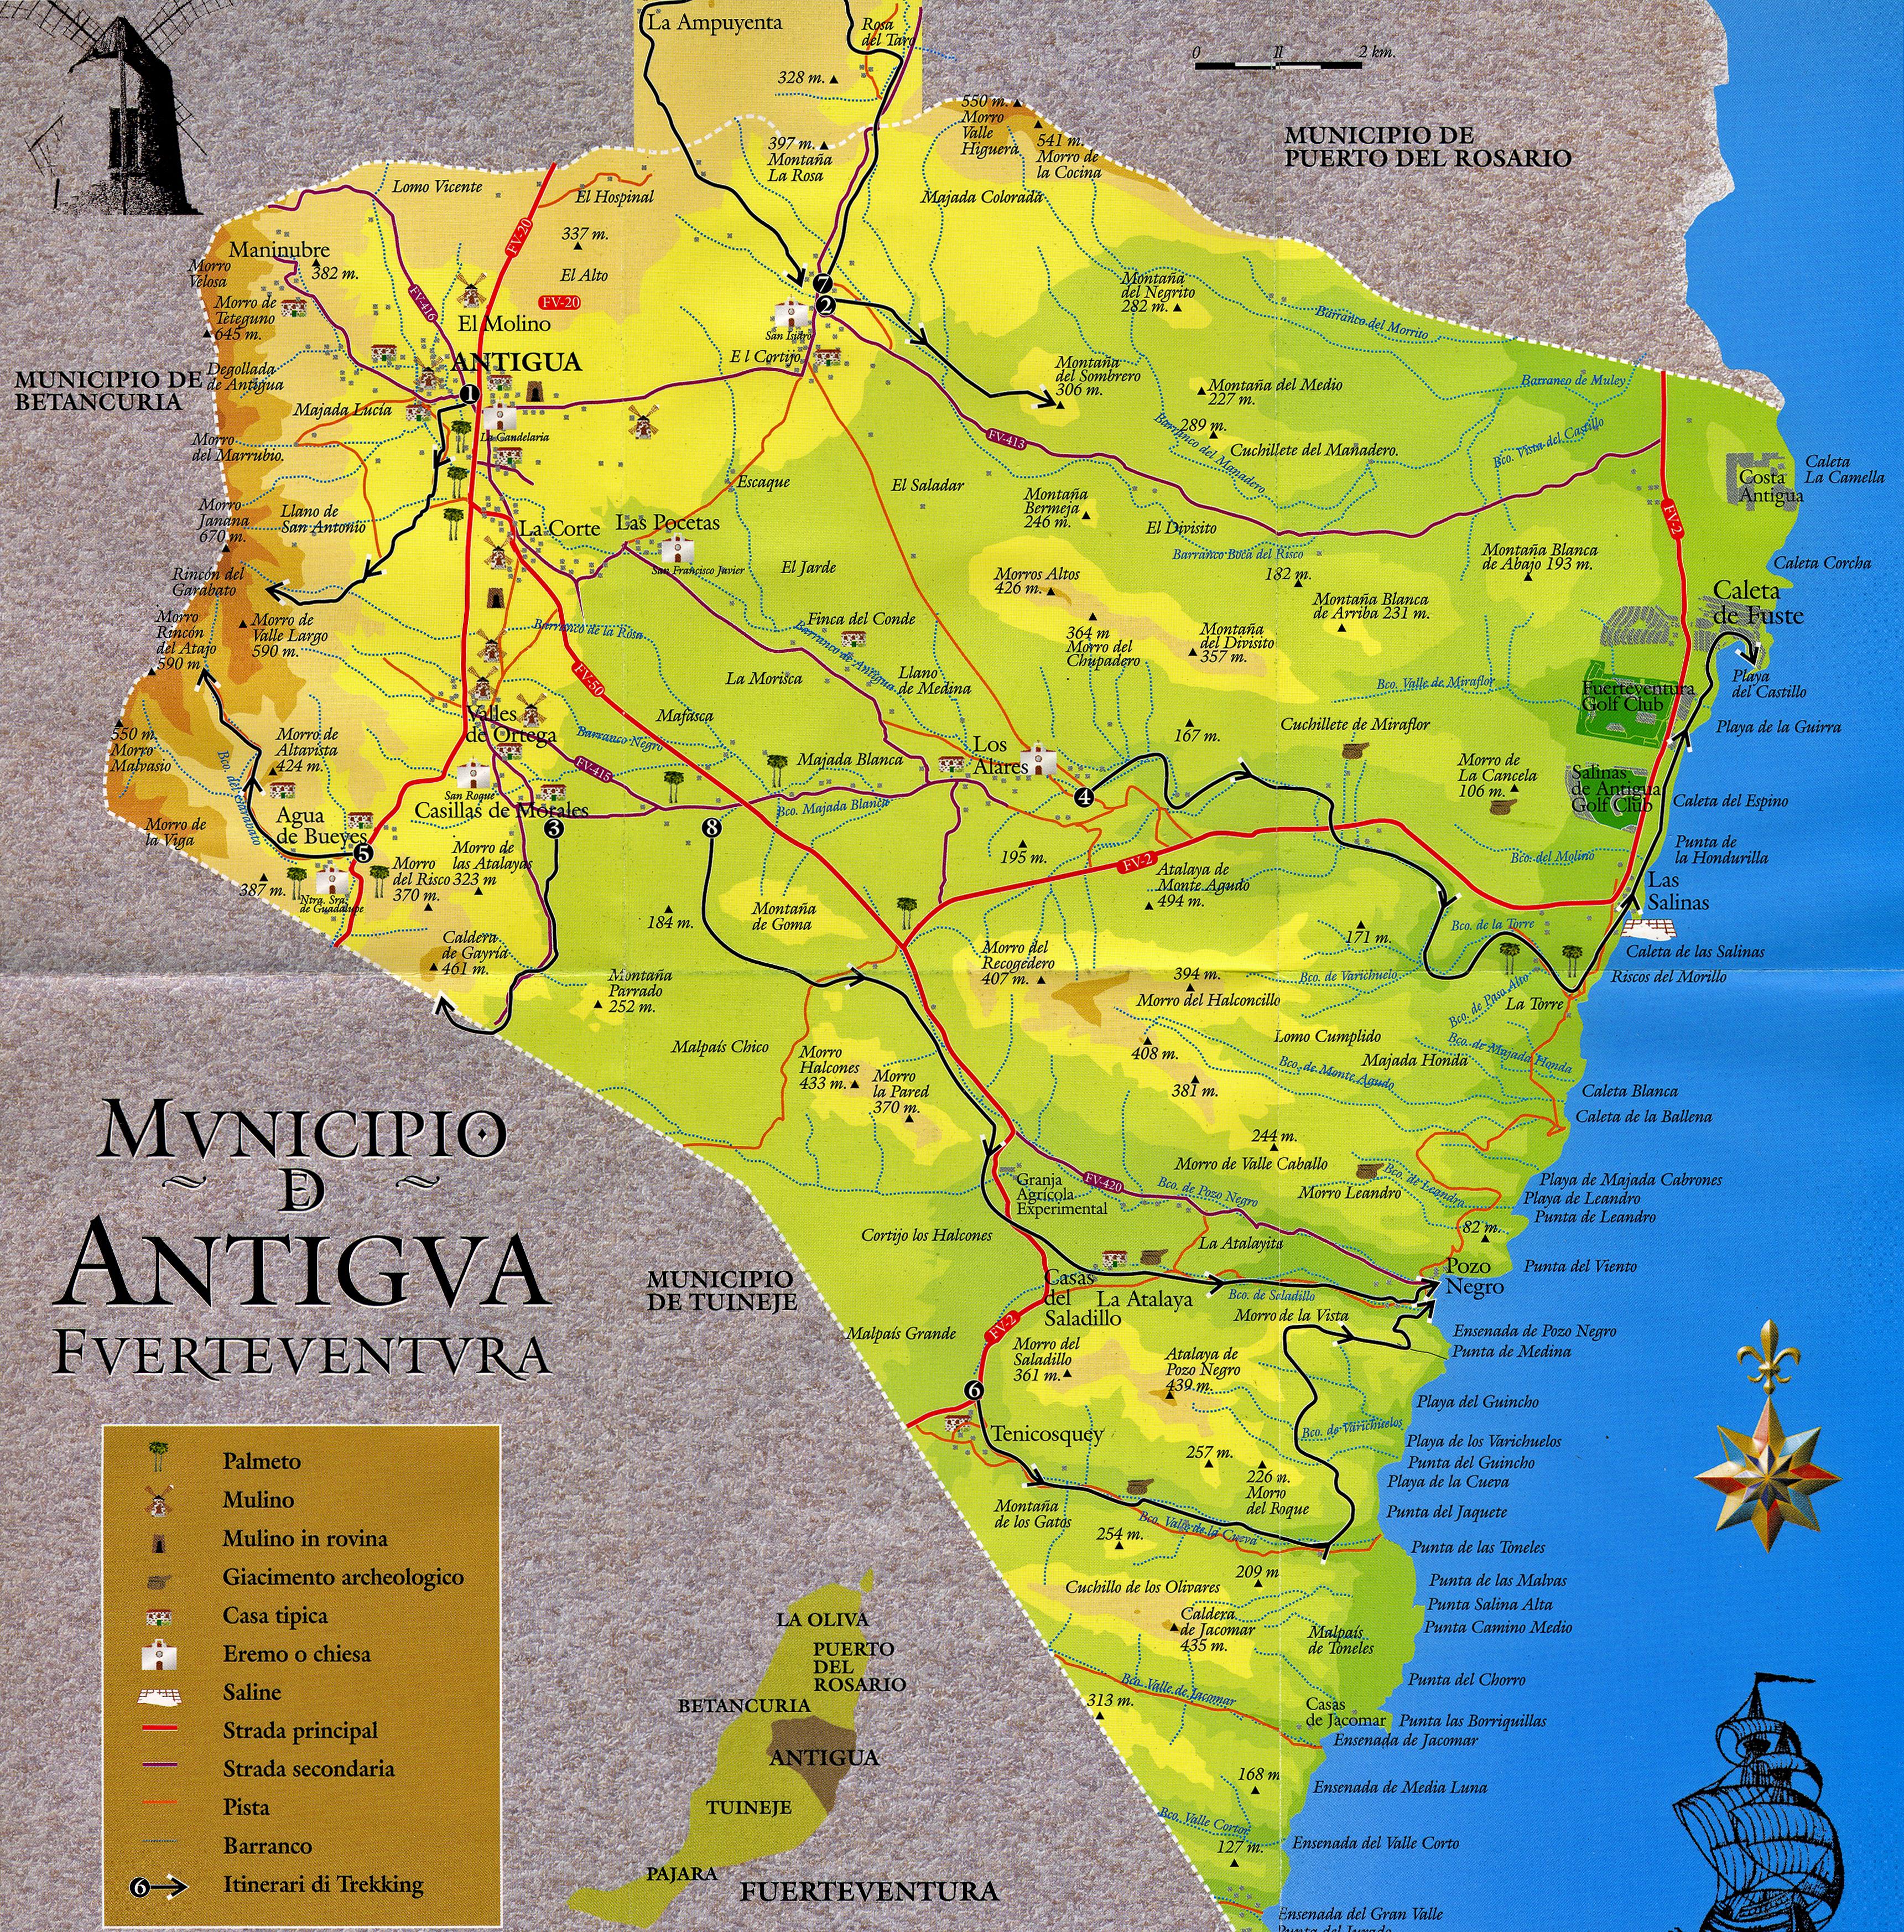 The town of Antigua in Fuerteventura